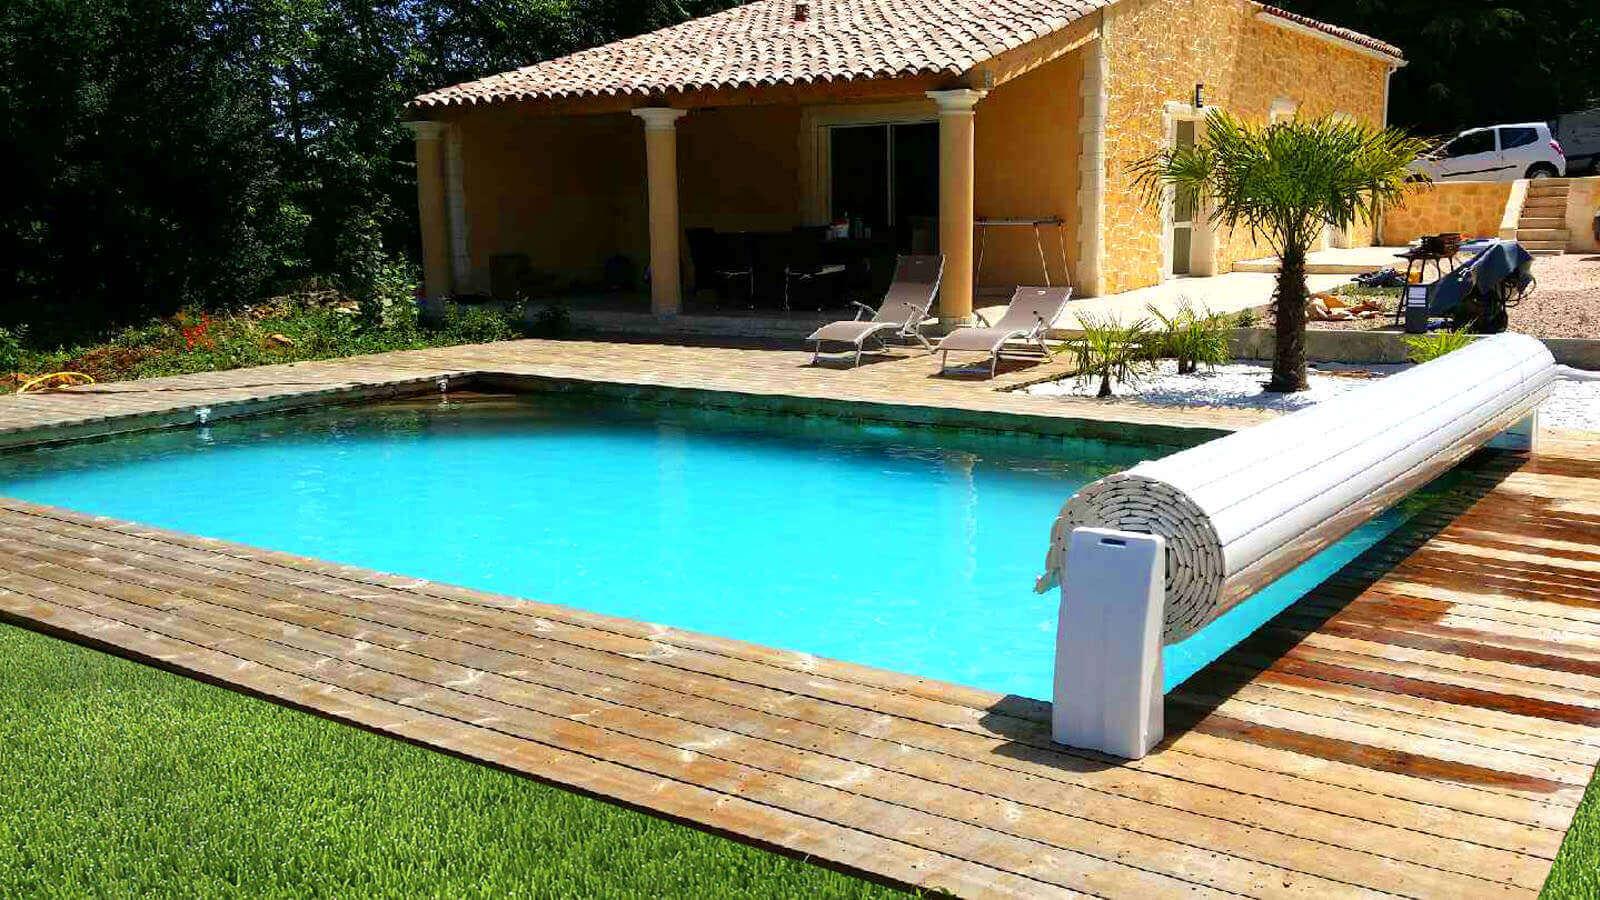 Galerie photos de piscines enterr es en bois for Piscine enterree bois